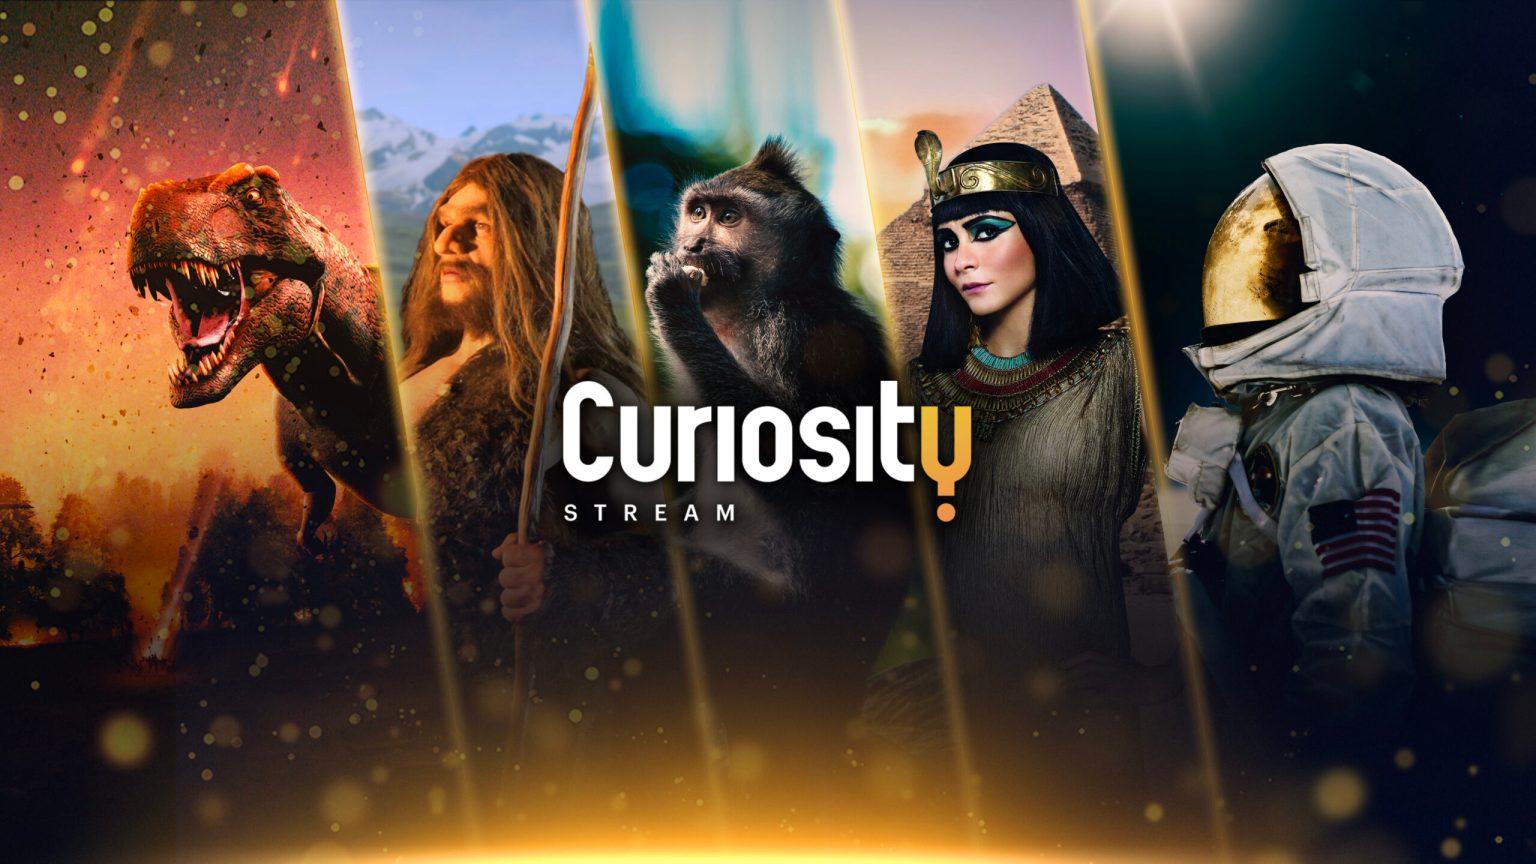 CuriosityStream will expand its European footprint through an agreement with SPIEGEL TV